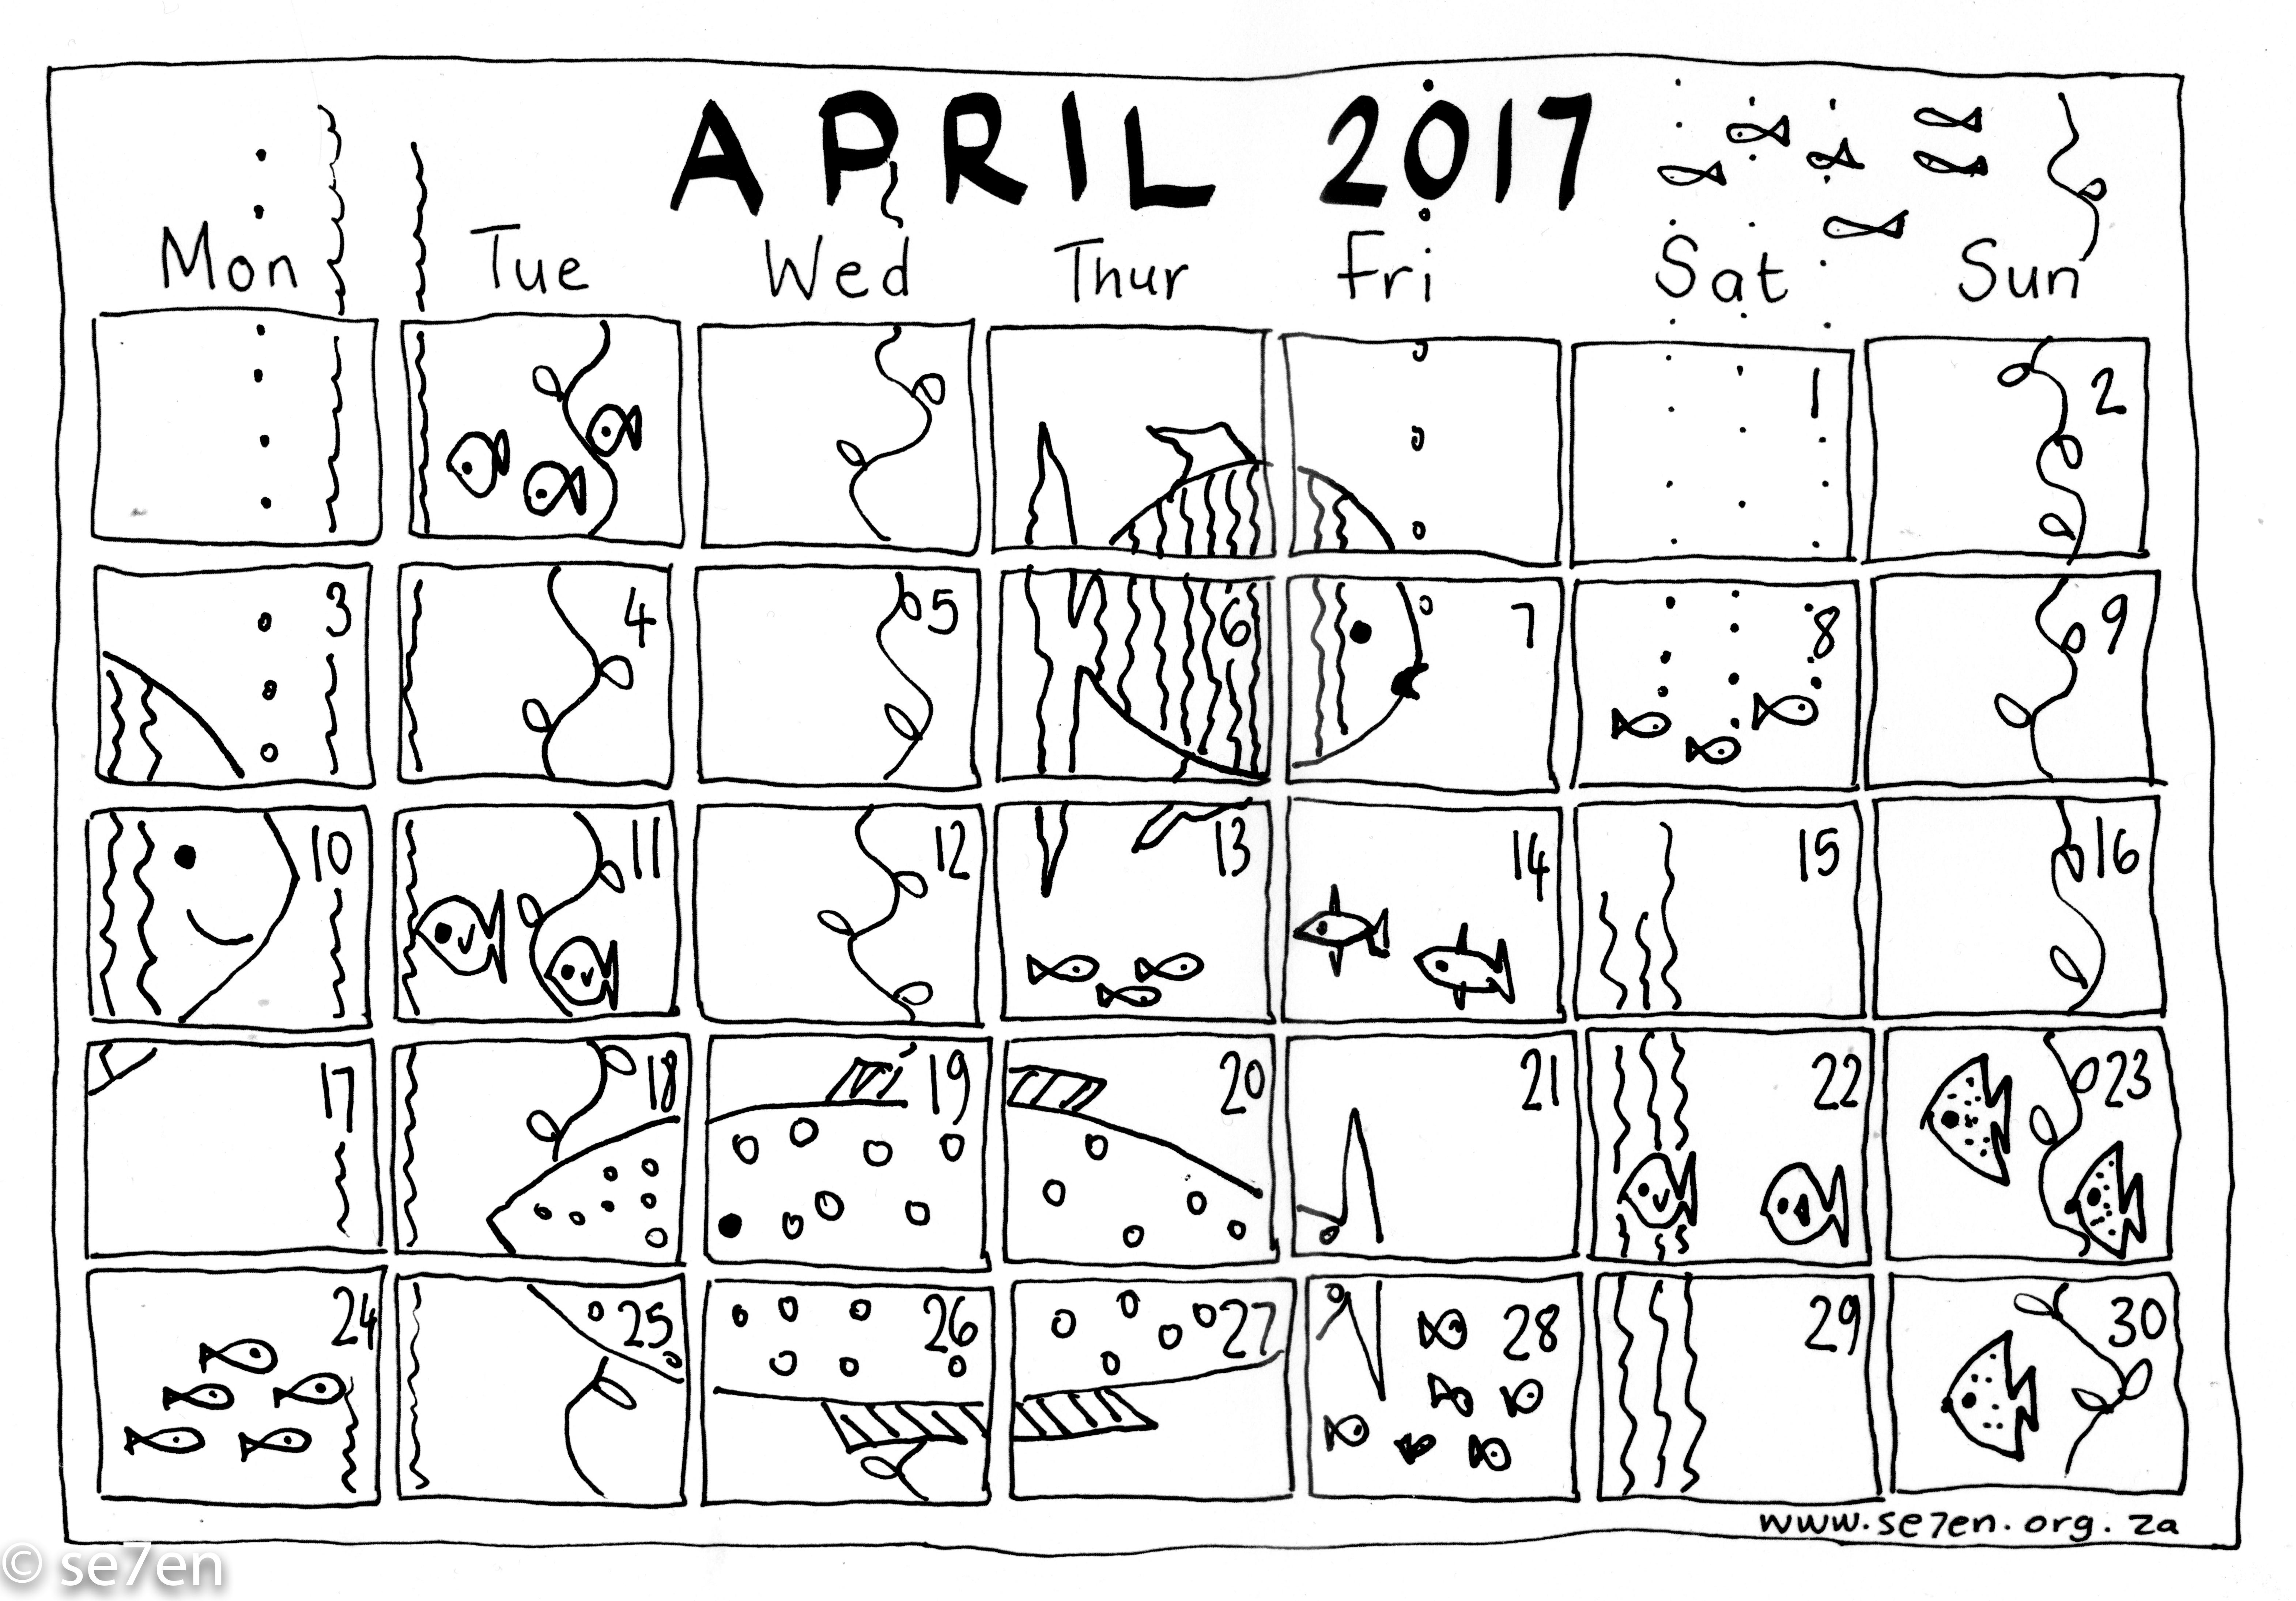 se7en-01-Apr-17-April 2017001-1.jpg